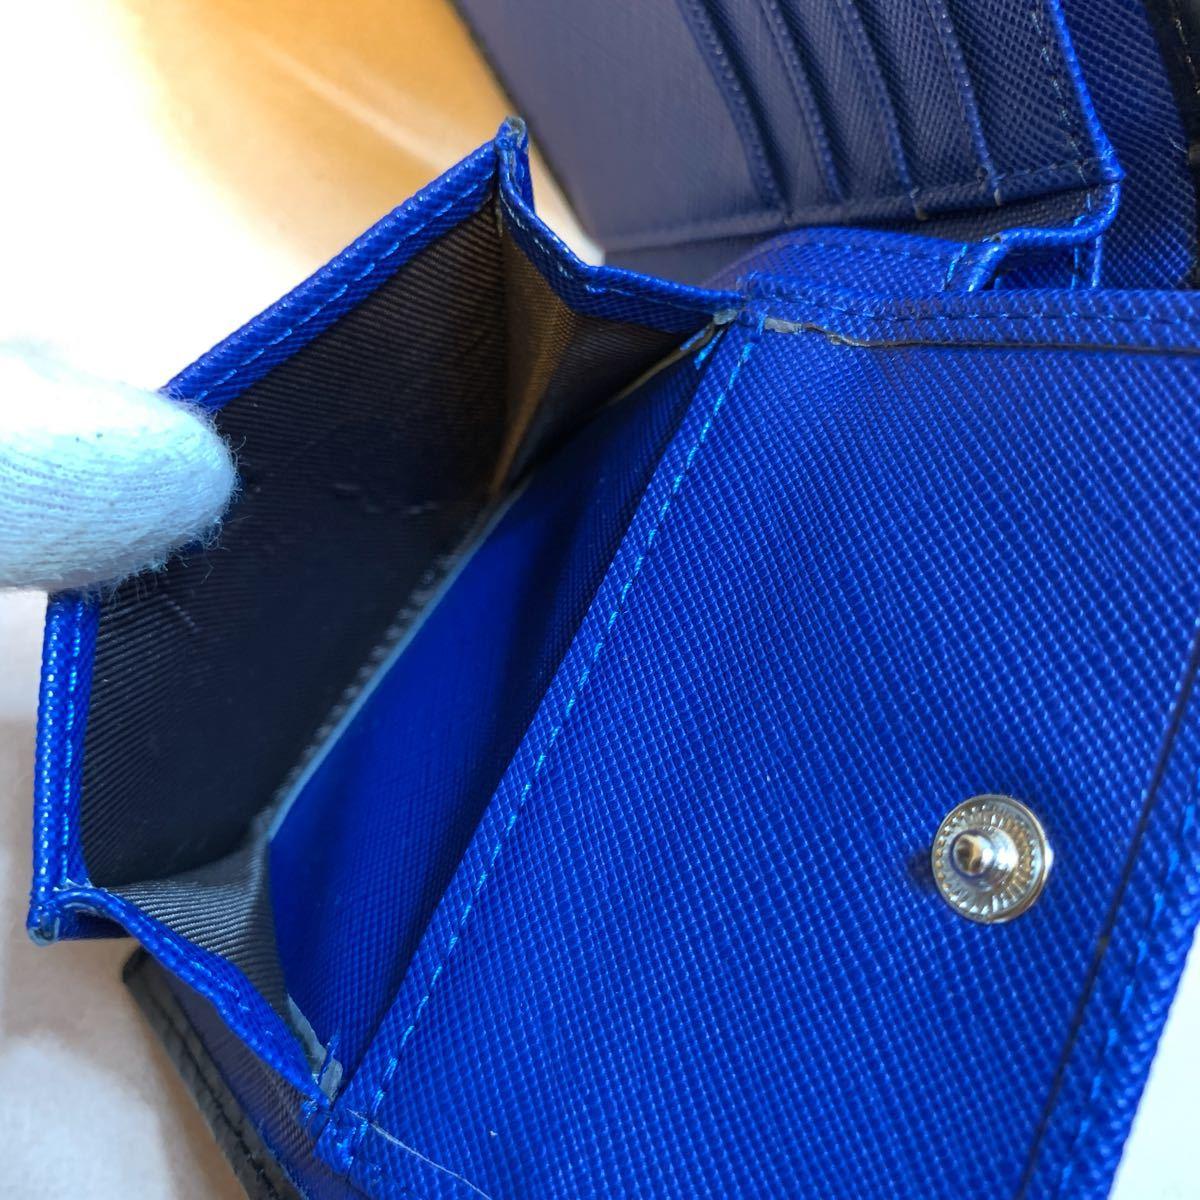 ハンドメイド カーボンレザー 二つ折り財布 ウォレット コインケース 牛革 レザー メンズ財布 ビジネス 紳士 革財布ブランド